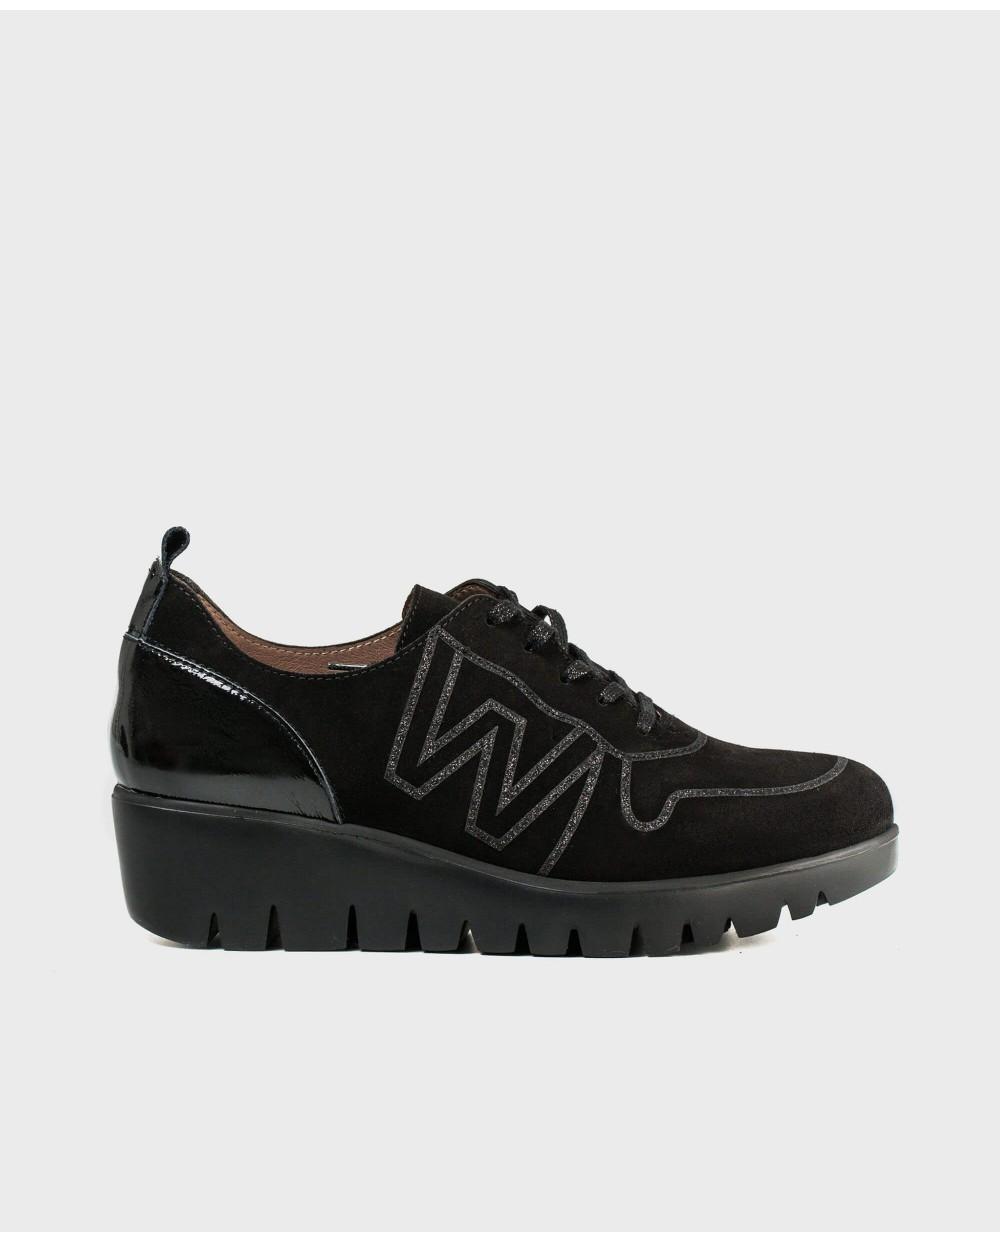 Wonders-Sneakers-Leather platform sneaker